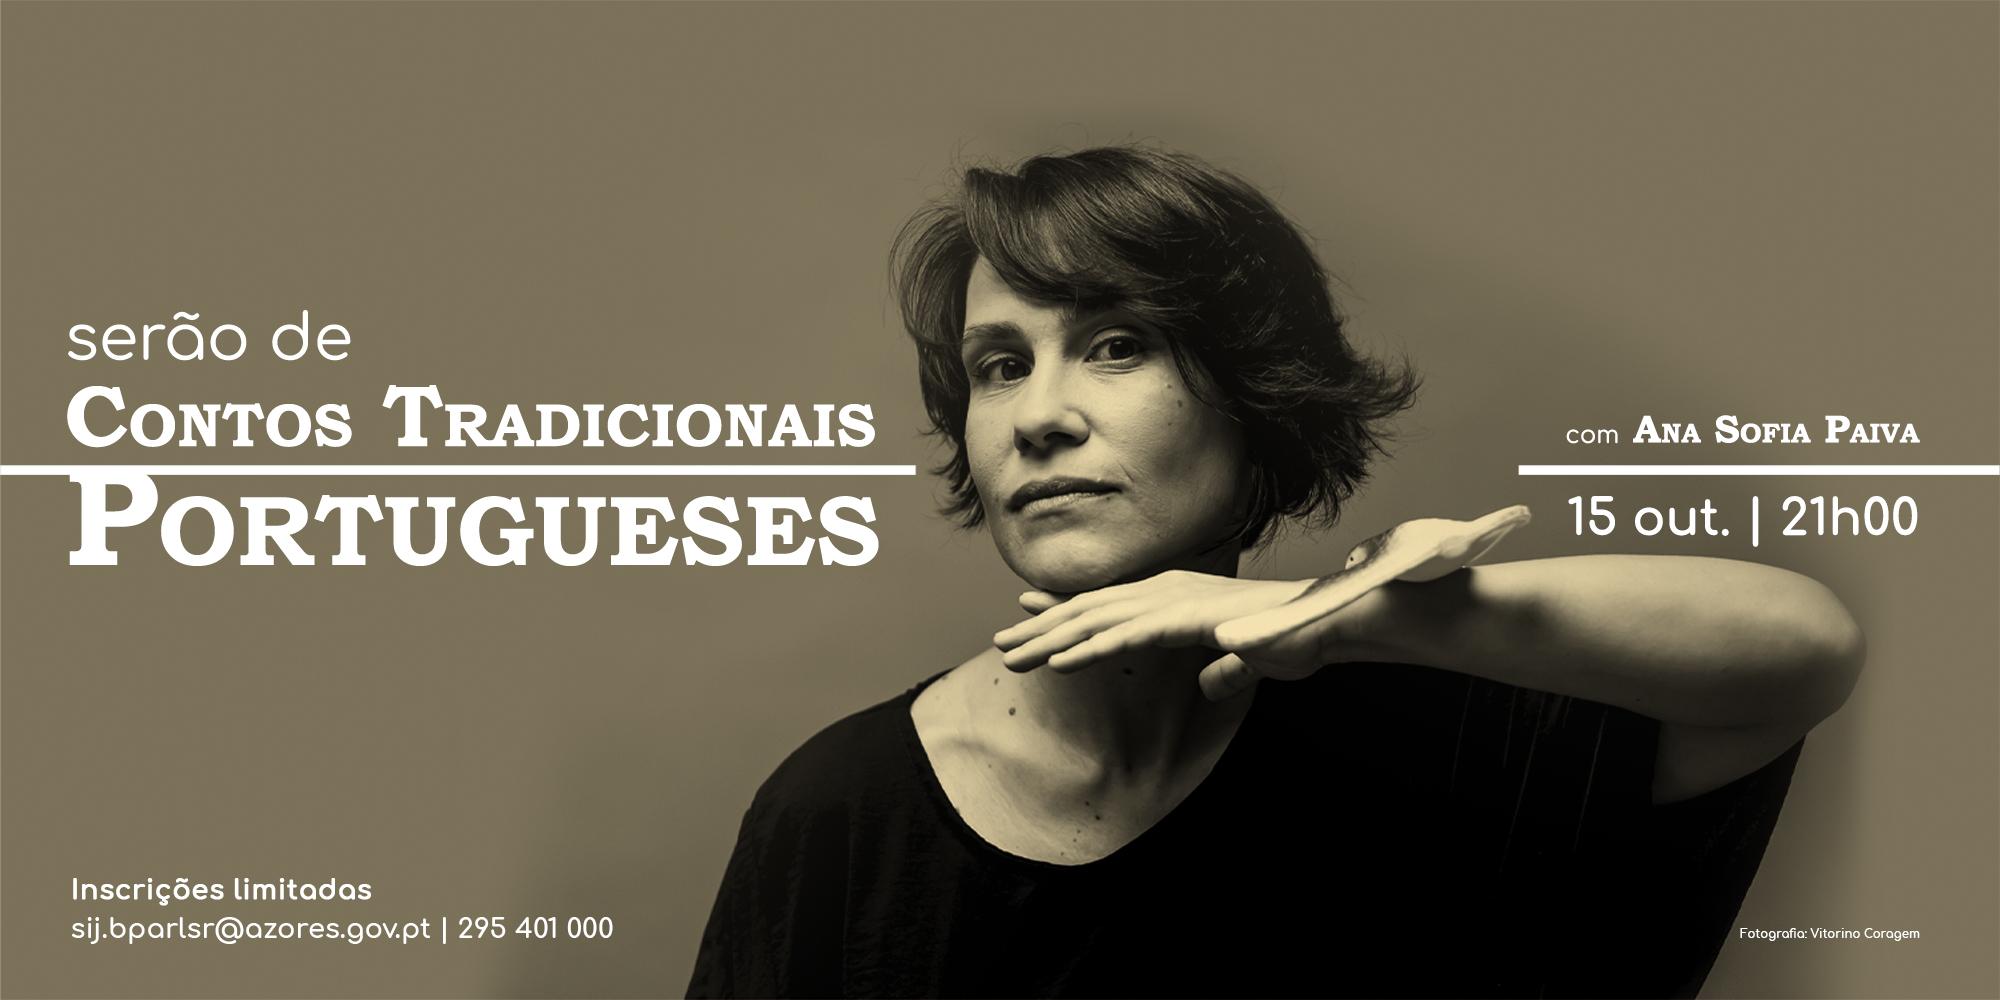 Serão de Contos Tradicionais Portugueses